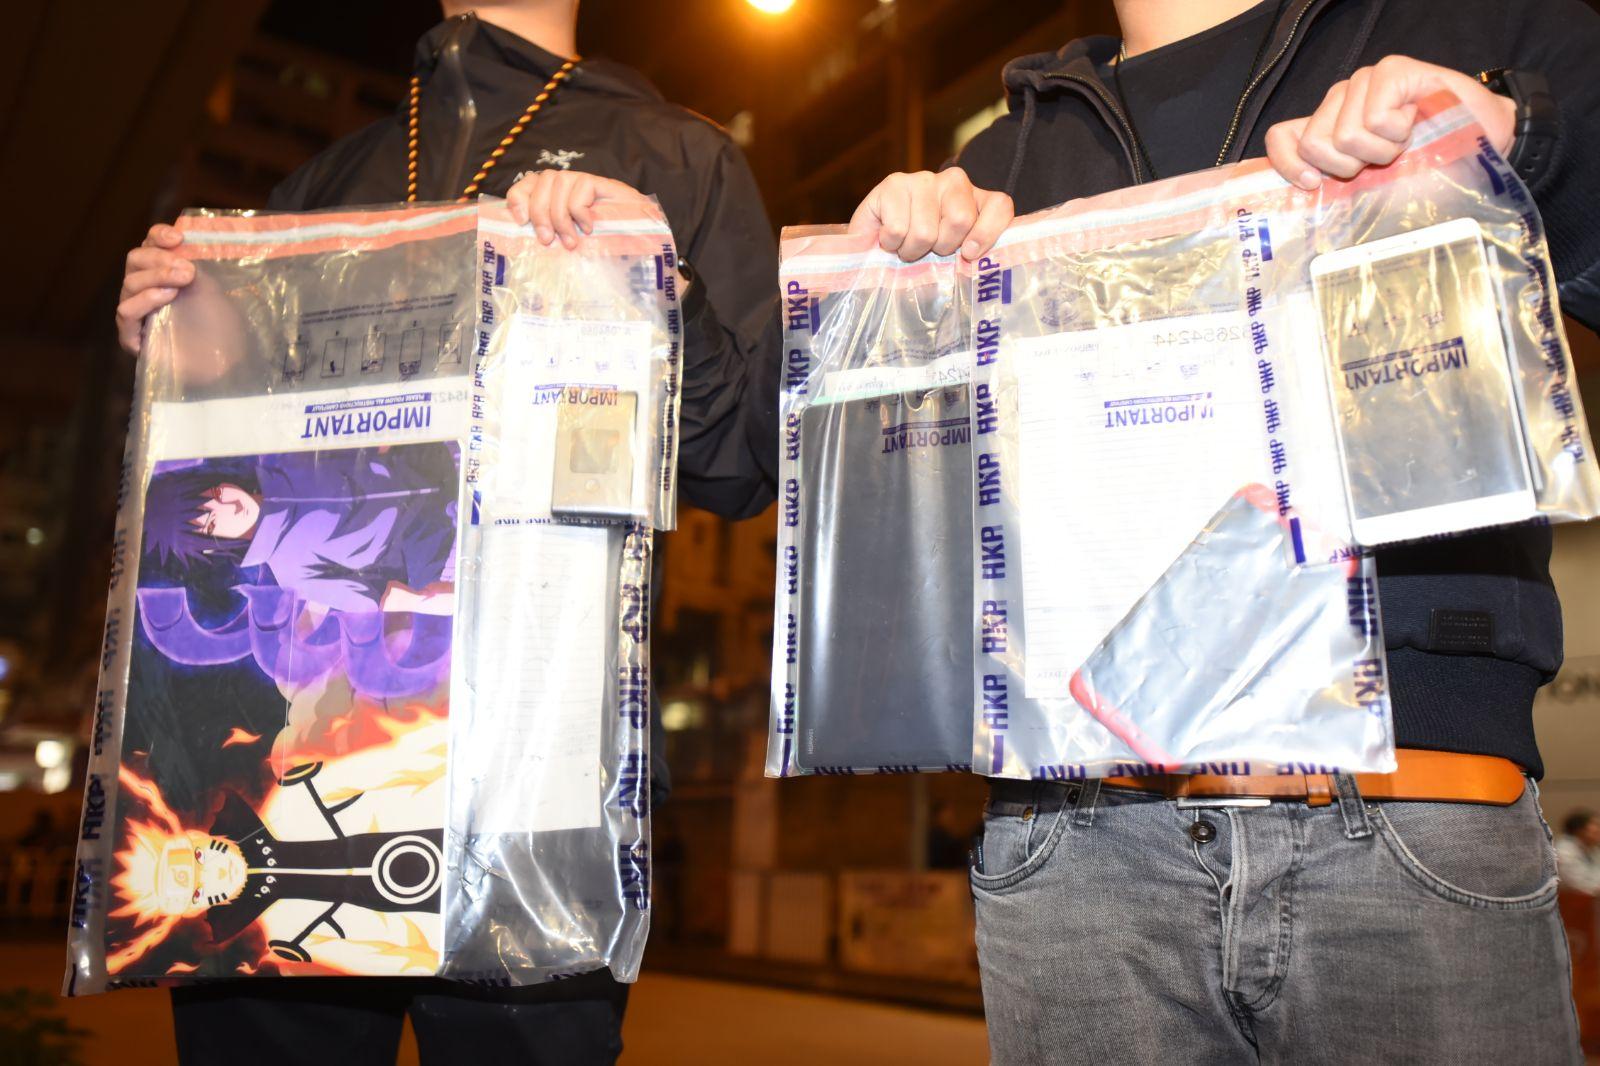 警方檢獲兩部電話、一部平板電腦及一部手提電腦。